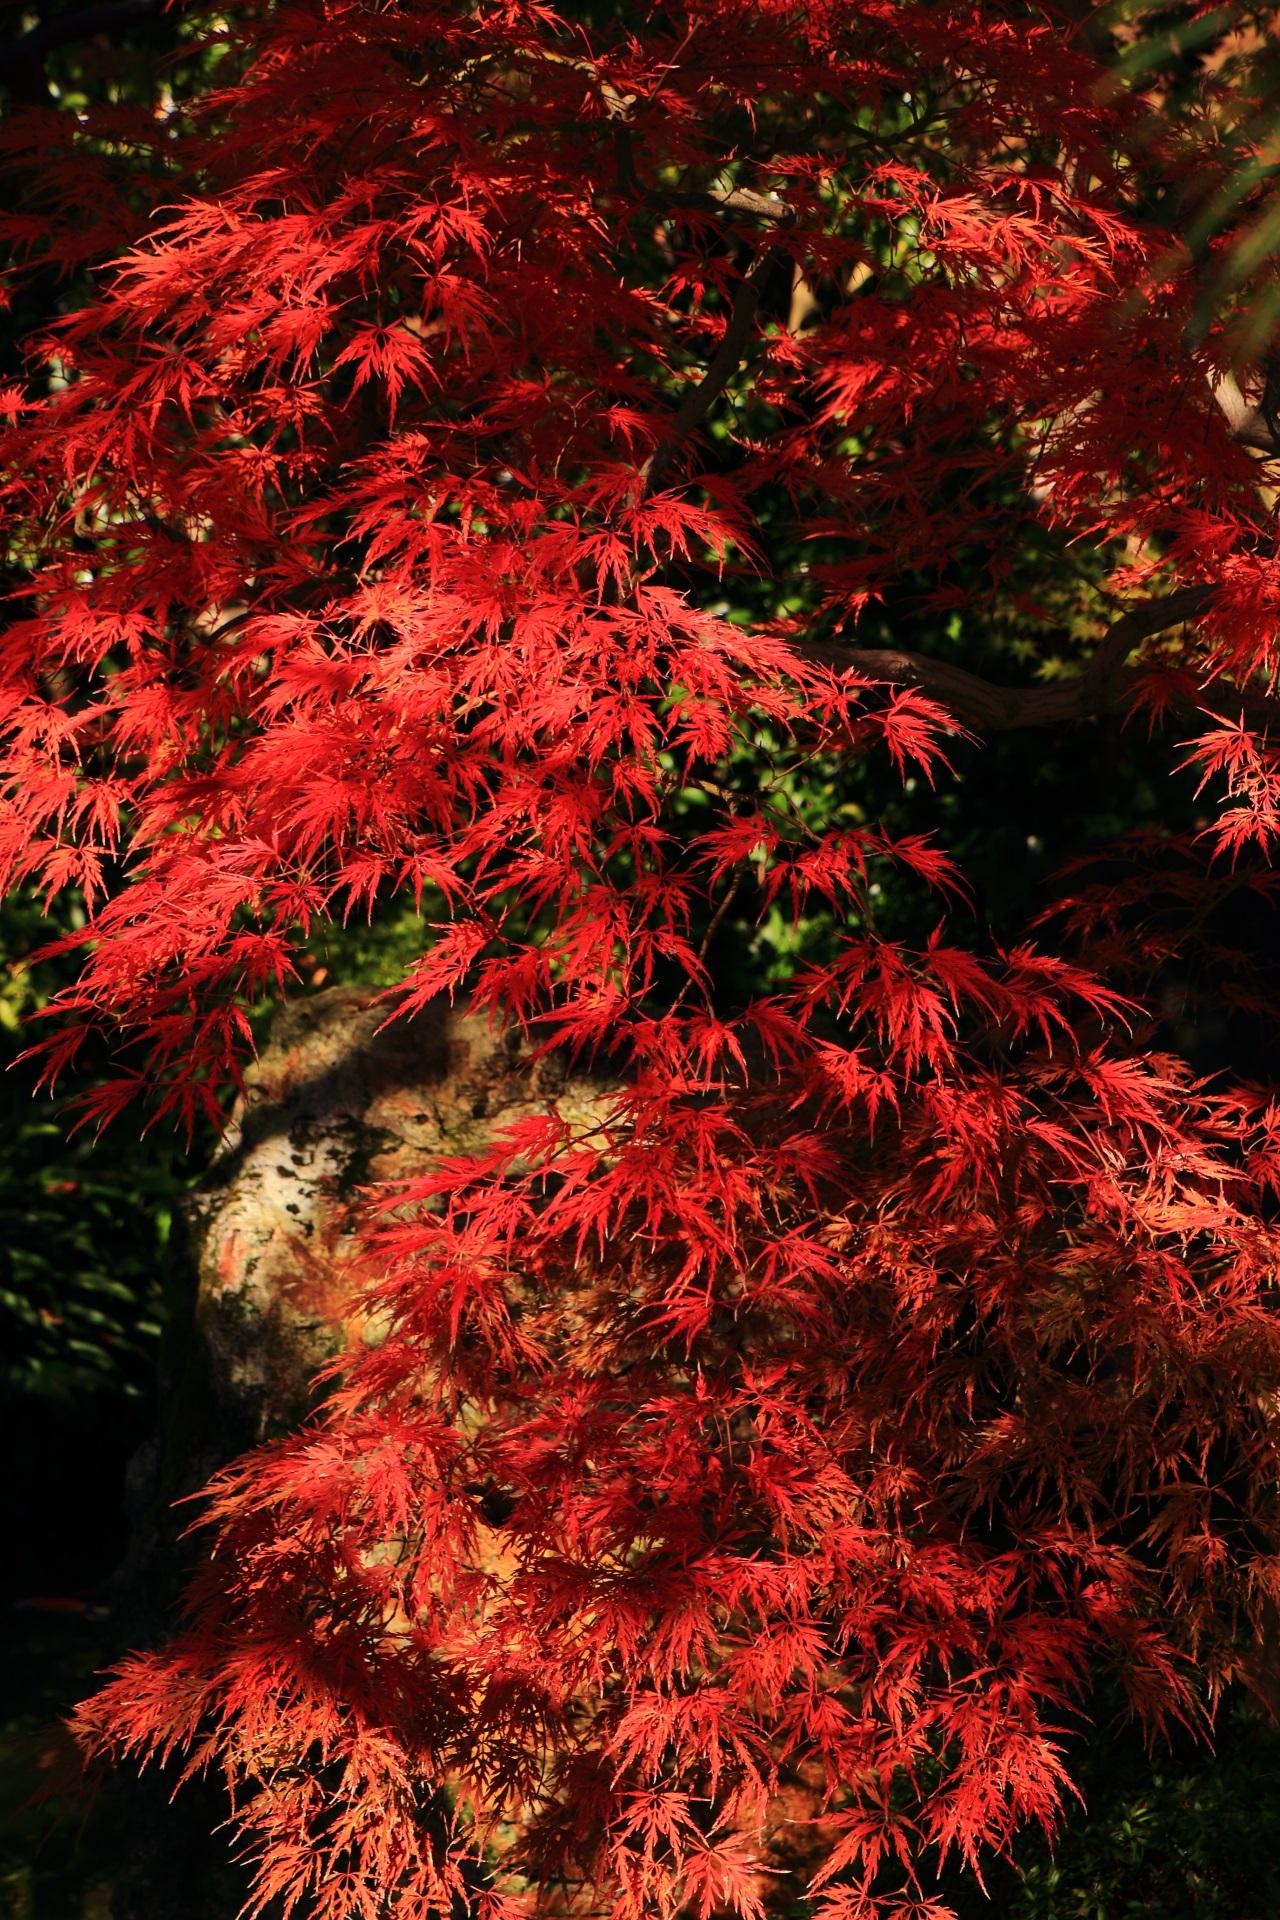 木漏れ日が彩る絶品の秋色の輝き